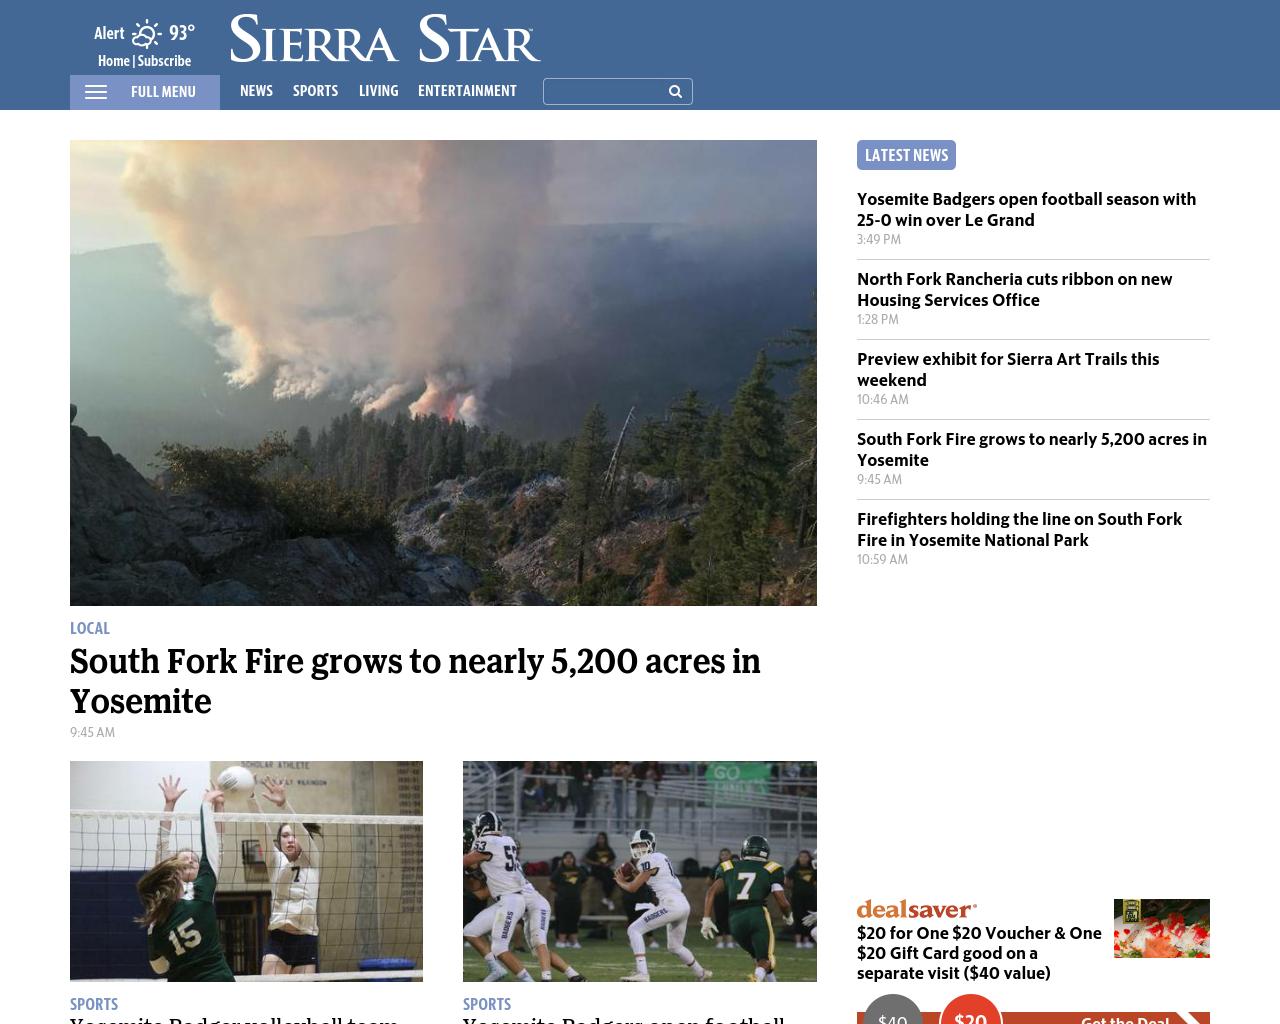 Sierra-Star-Advertising-Reviews-Pricing